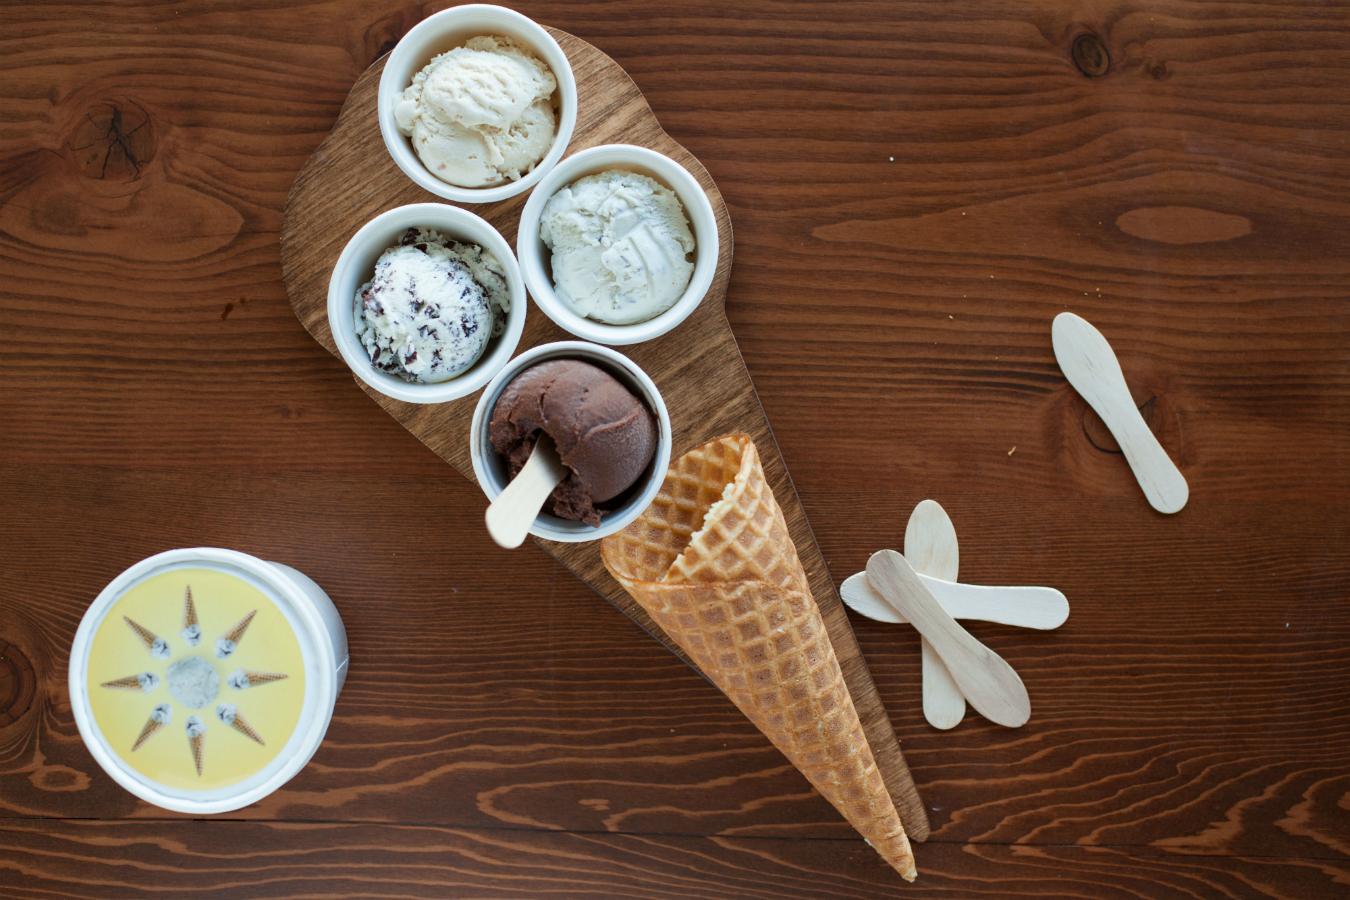 MONTE Blog: Vancouver Ice Cream